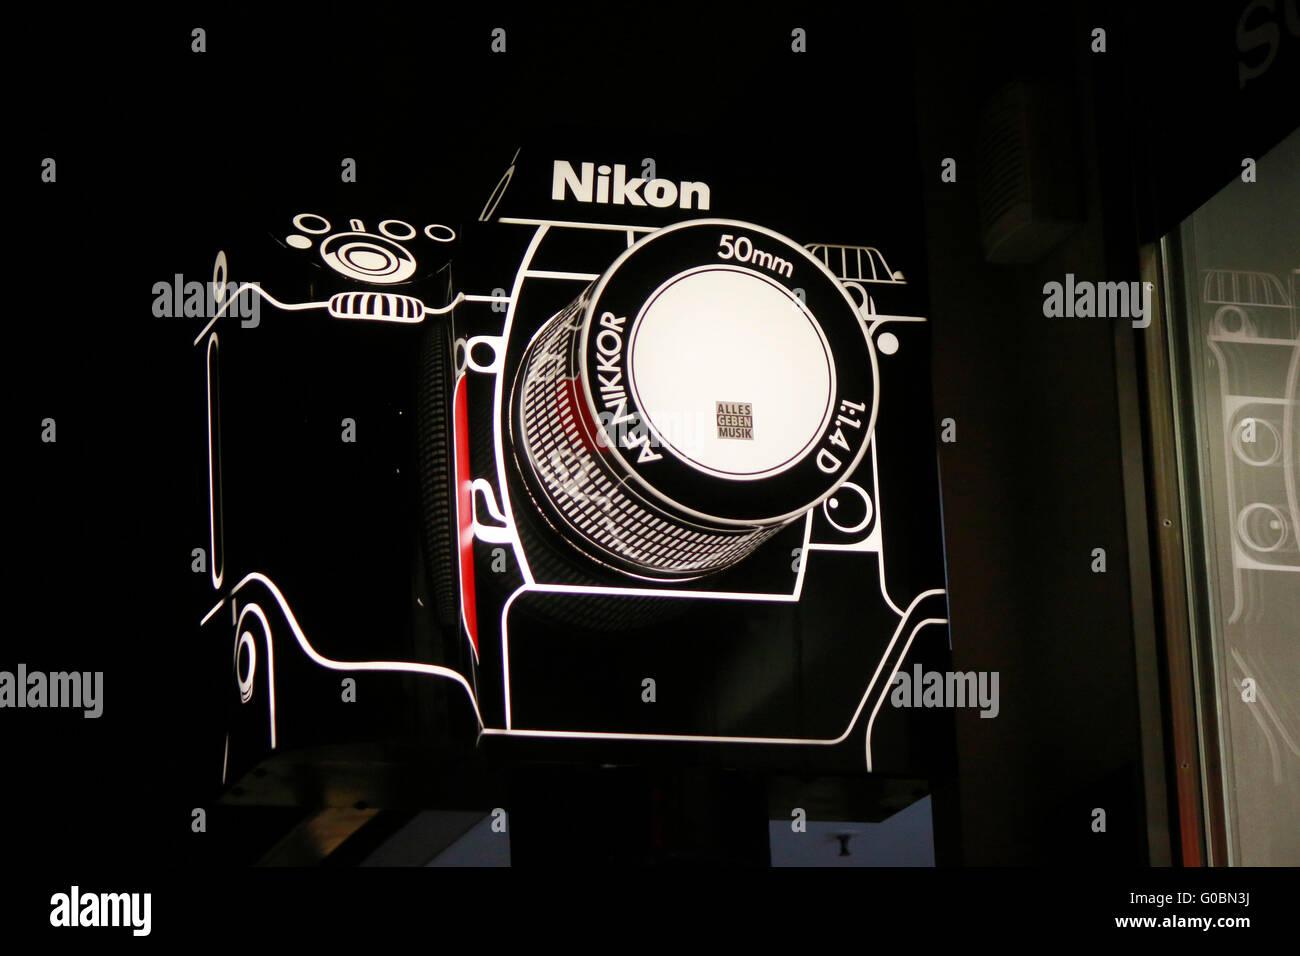 Leuchtreklame: eine Kamera der Marke 'Nikon', Berlin. - Stock Image